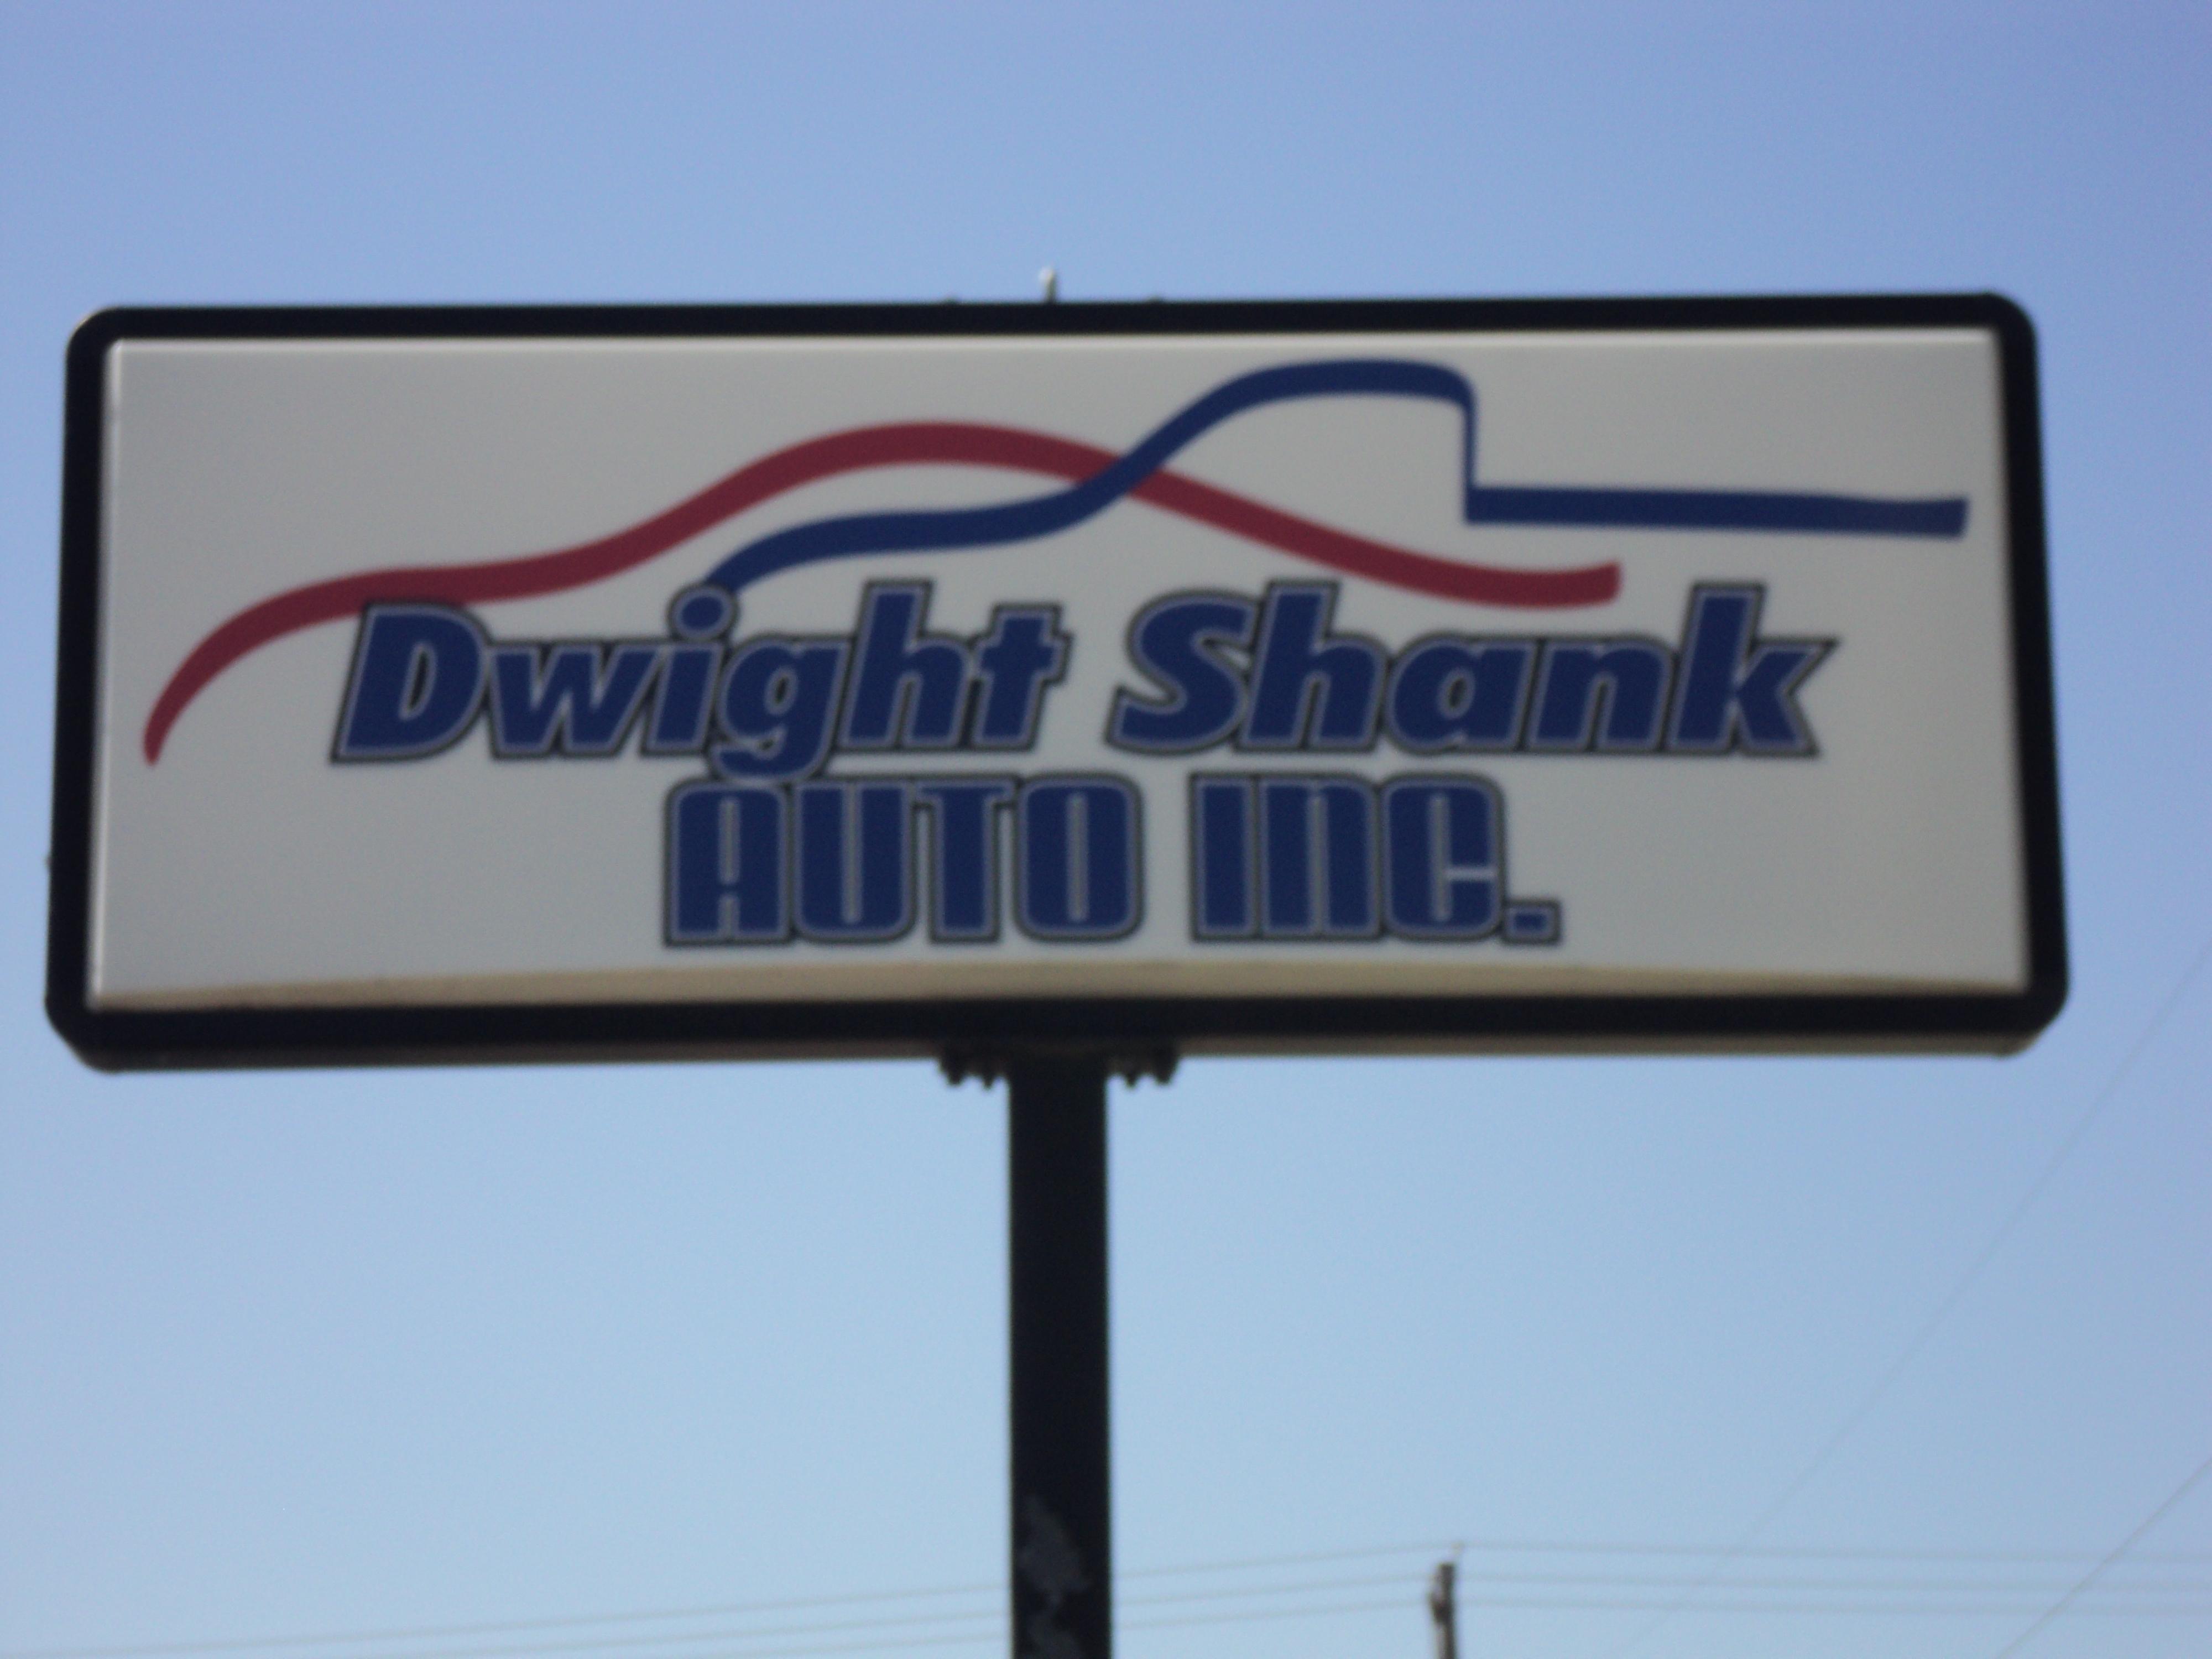 Dwight Shank Auto Inc